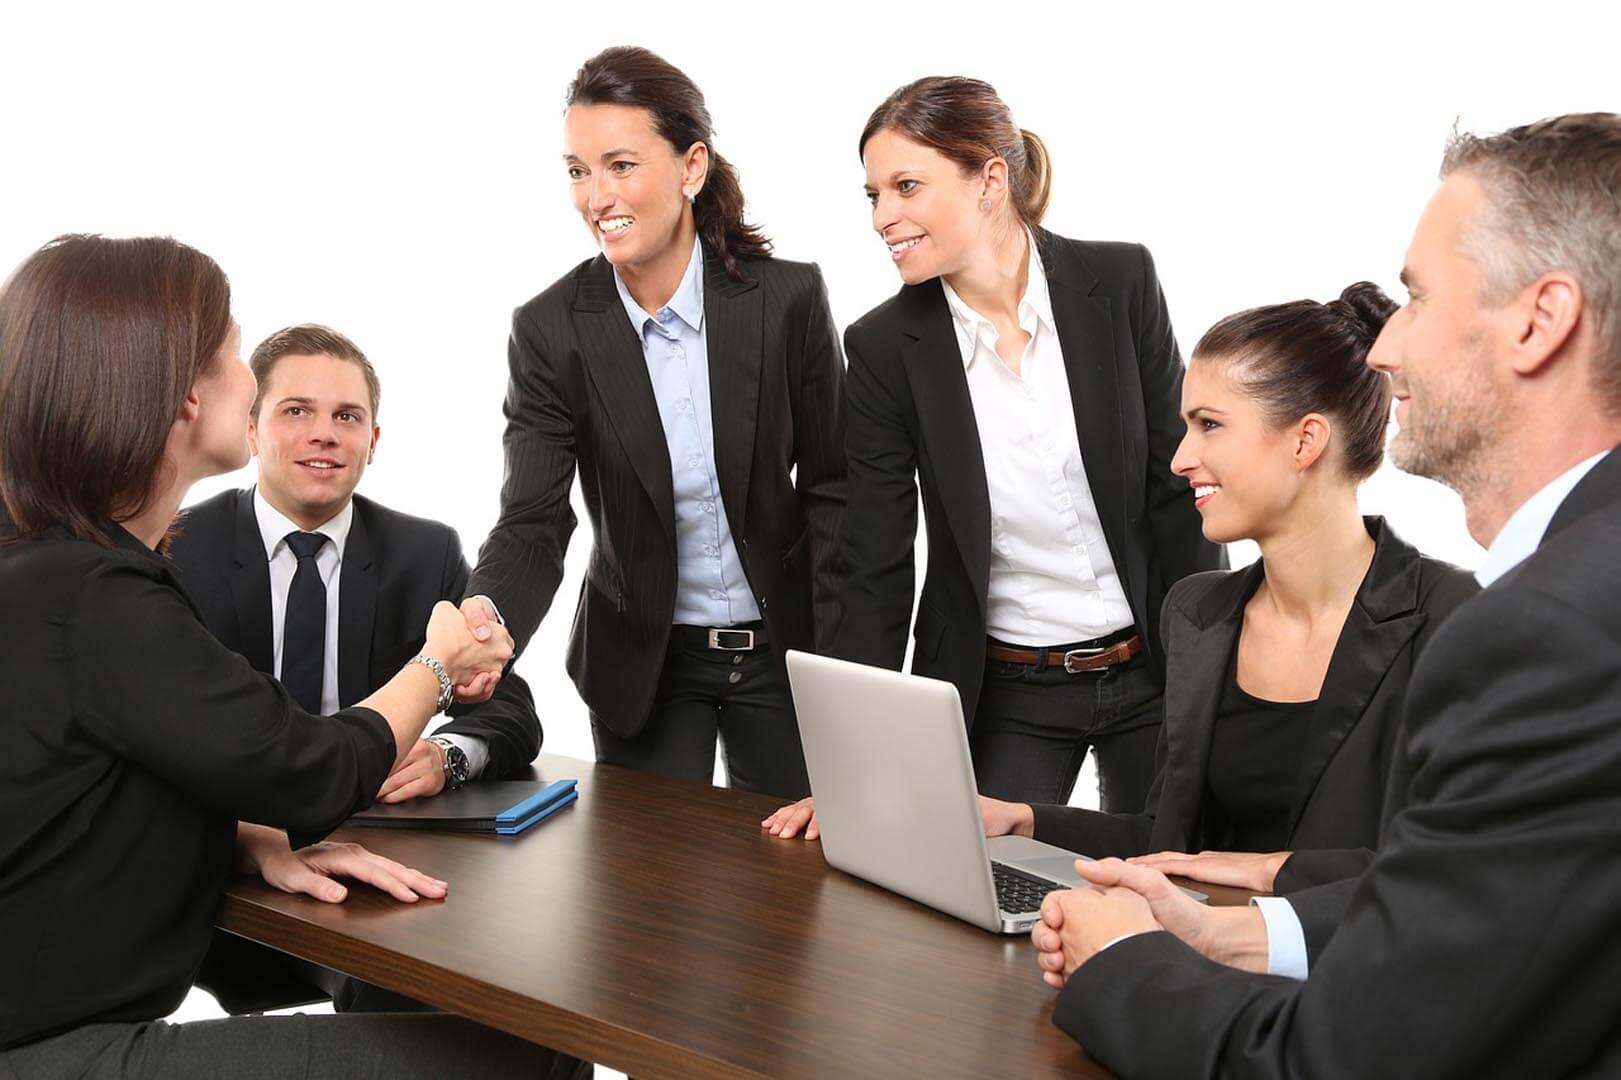 מהי הדרך הטובה ביותר לתיווך עסקים